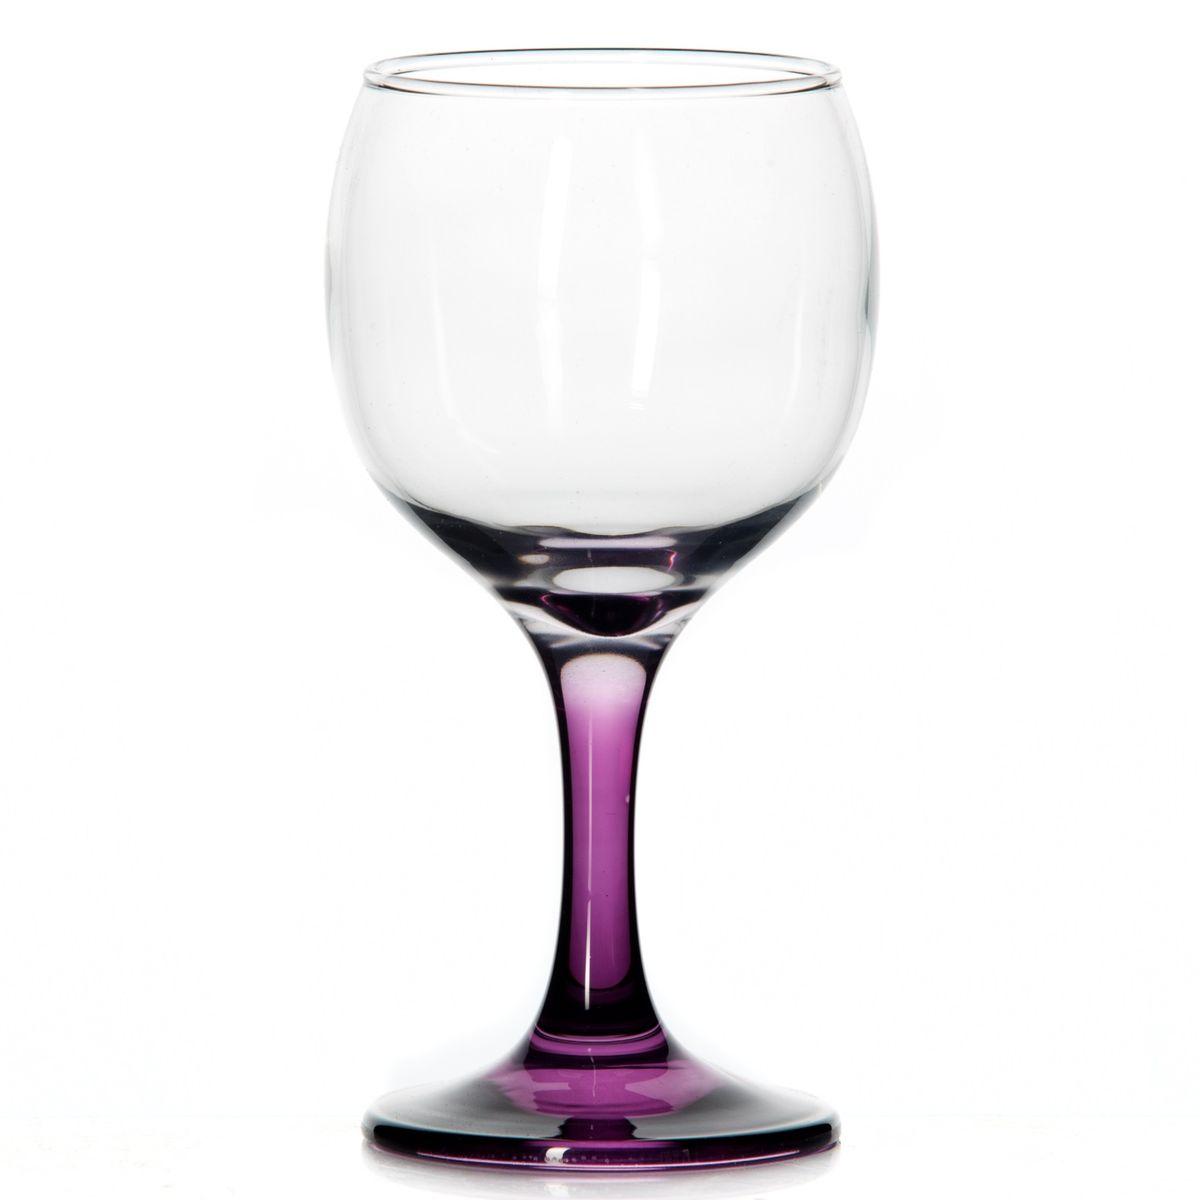 Набор бокалов Pasabahce Glass for You, цвет: сиреневый, 220 мл, 3 штVT-1520(SR)Набор Pasabahce Glass for You состоит из трех бокалов, выполненных из натрий-кальций-силикатного стекла. Изделия оснащены элегантными ножками. Бокалы сочетают в себе изысканный дизайн и функциональность. Благодаря такому набору пить напитки будет еще вкуснее.Набор бокалов Pasabahce Glass for You прекрасно оформит праздничный стол и создаст приятную атмосферу за романтическим ужином. Такой набор также станет хорошим подарком к любому случаю. Диаметр бокала (по верхнему краю): 6 см. Высота бокала: 15 см.